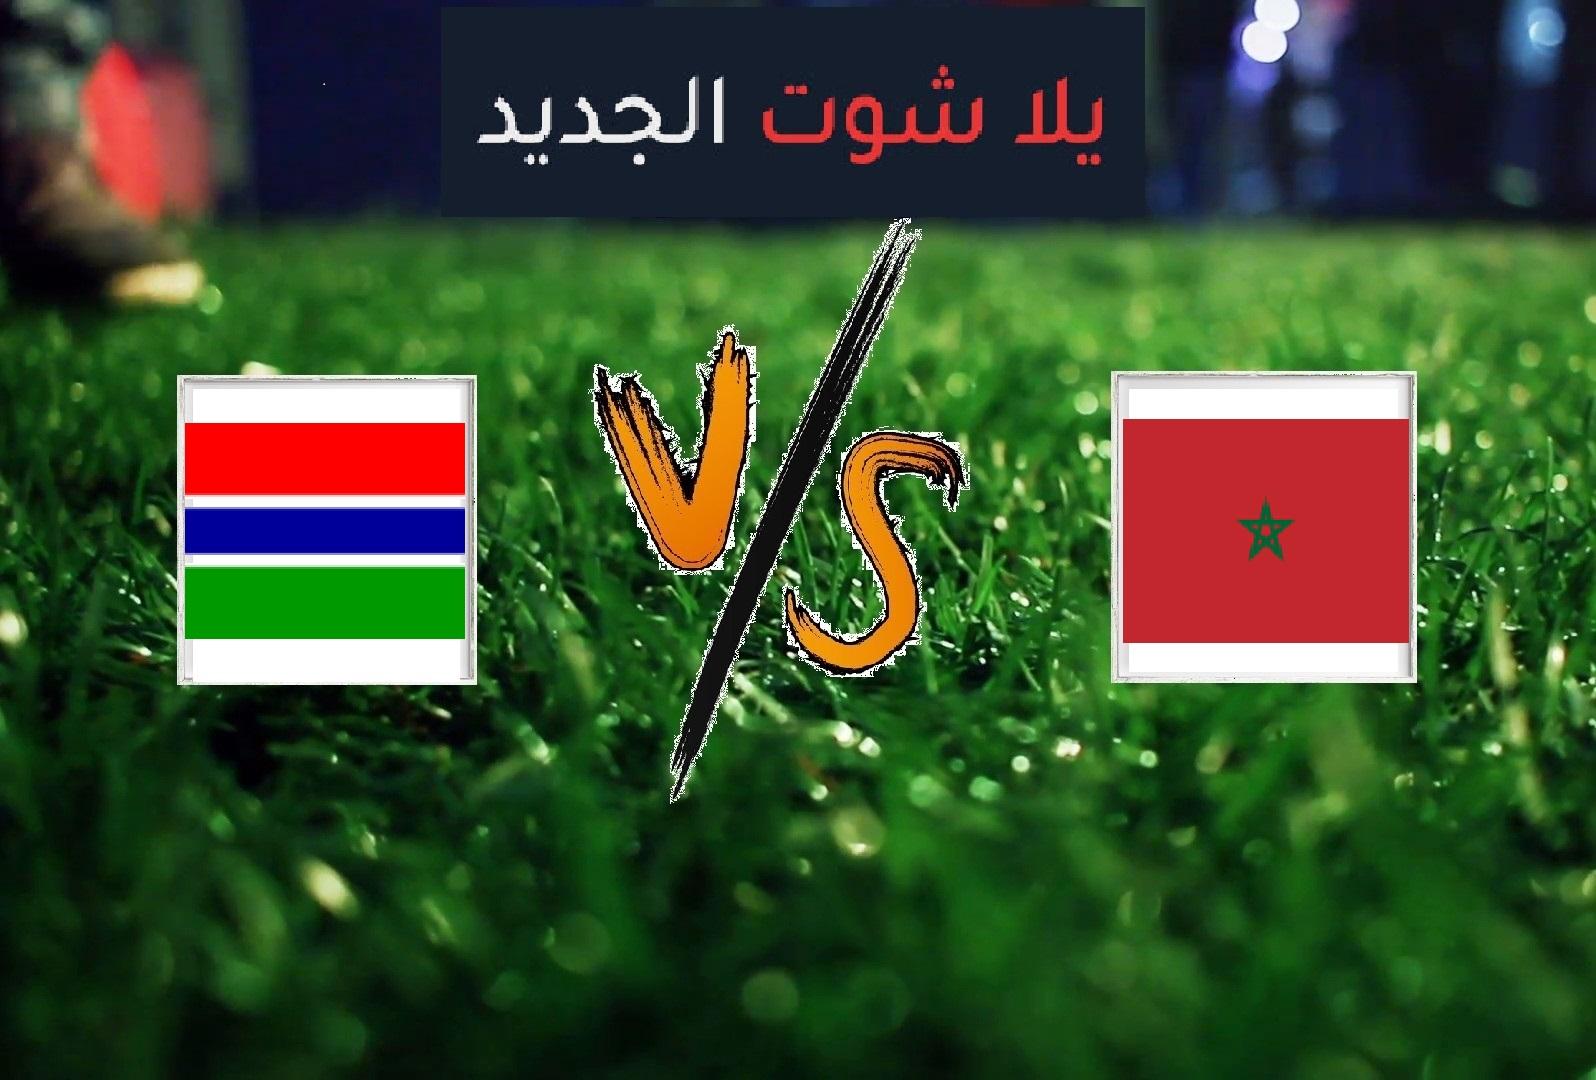 نتيجة مباراة المغرب وغامبيا اليوم الاربعاء بتاريخ 12-06-2019 مباراة ودية